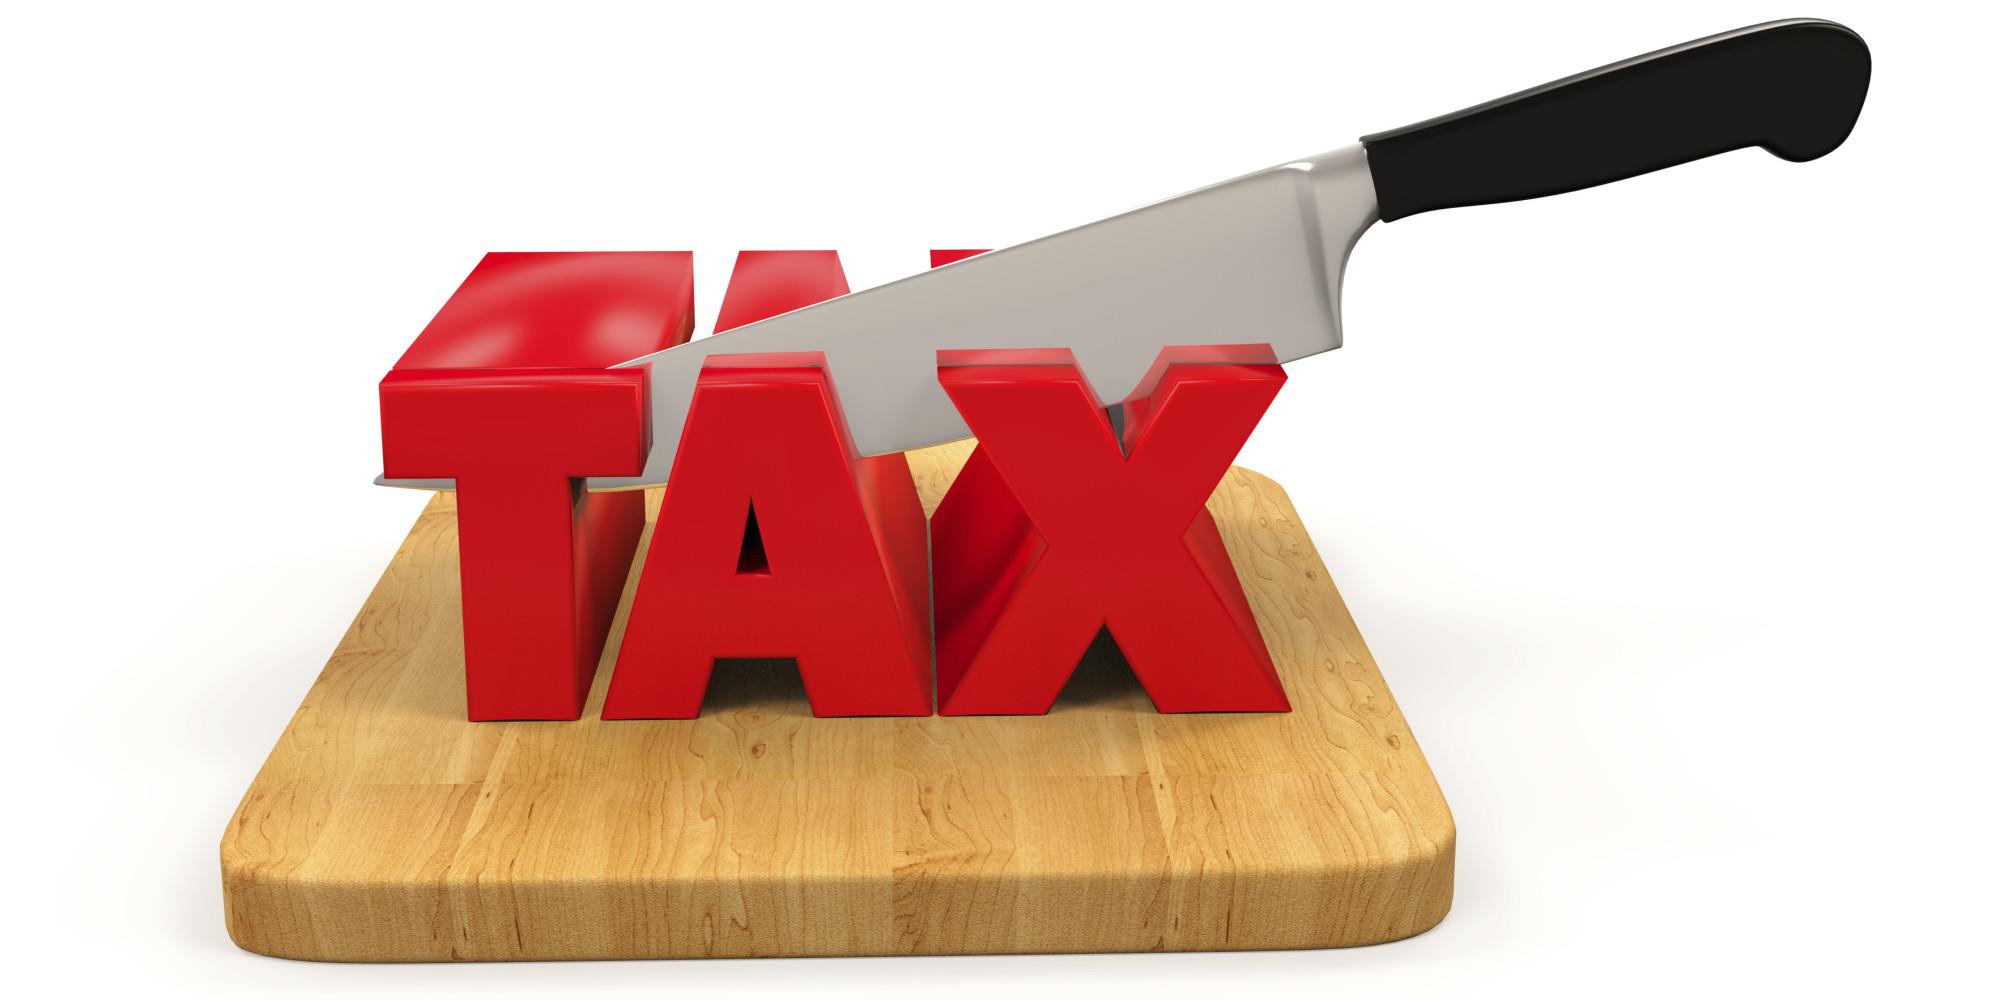 o-TAX-CUTS-facebook  Entra em vigor as novas regras fiscais que reduzem impostos para a Classe Média no Canadá o TAX CUTS facebook